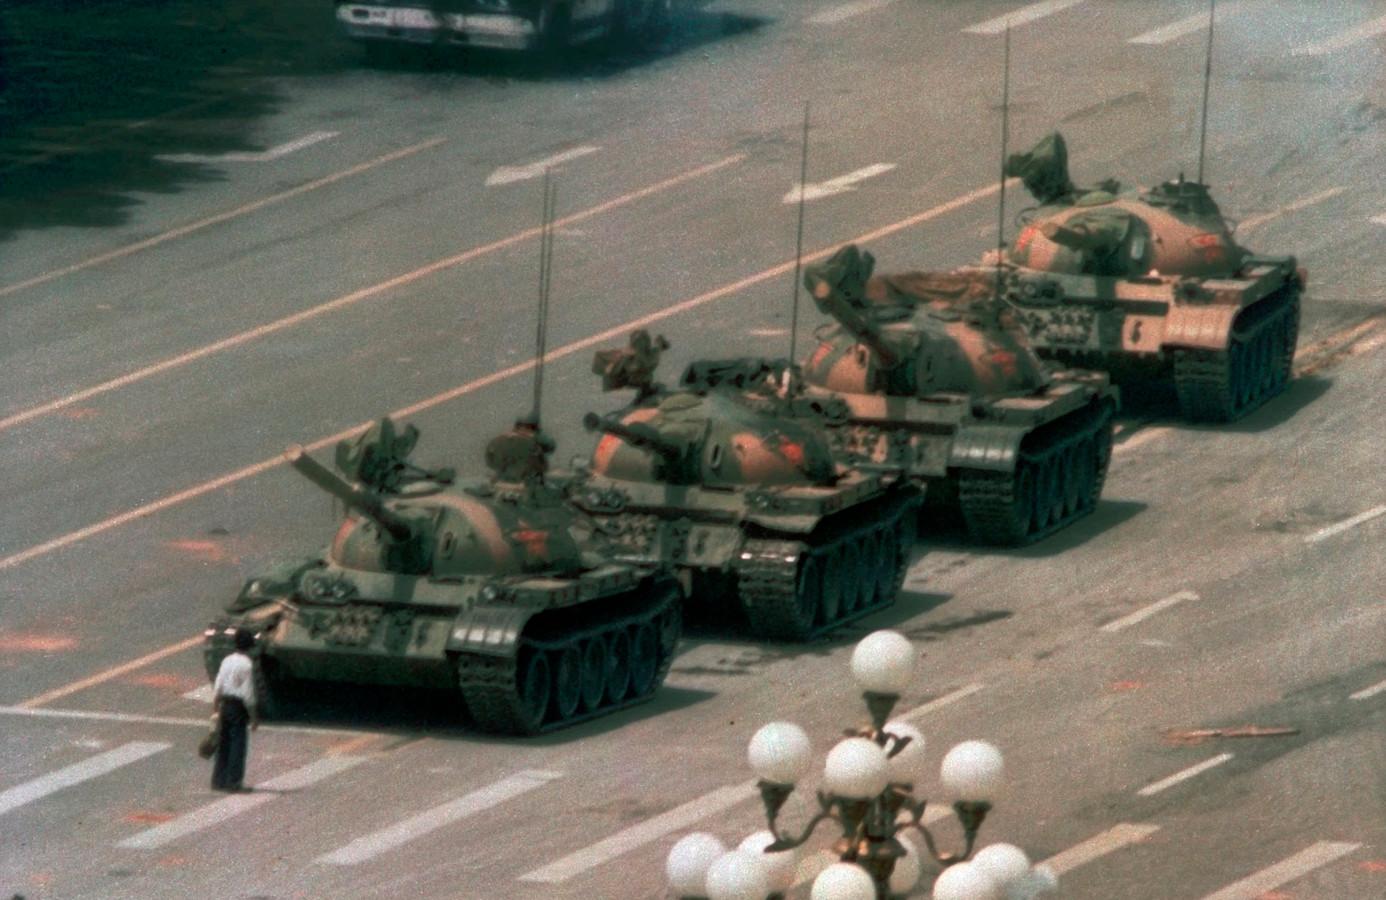 Het iconische beeld van de man die in zijn eentje voor een colonne tanks staat op het Plein van de Hemelse Vrede in Beijing. De foto was vrijdag niet te vinden bij de zoekmachine Bing.